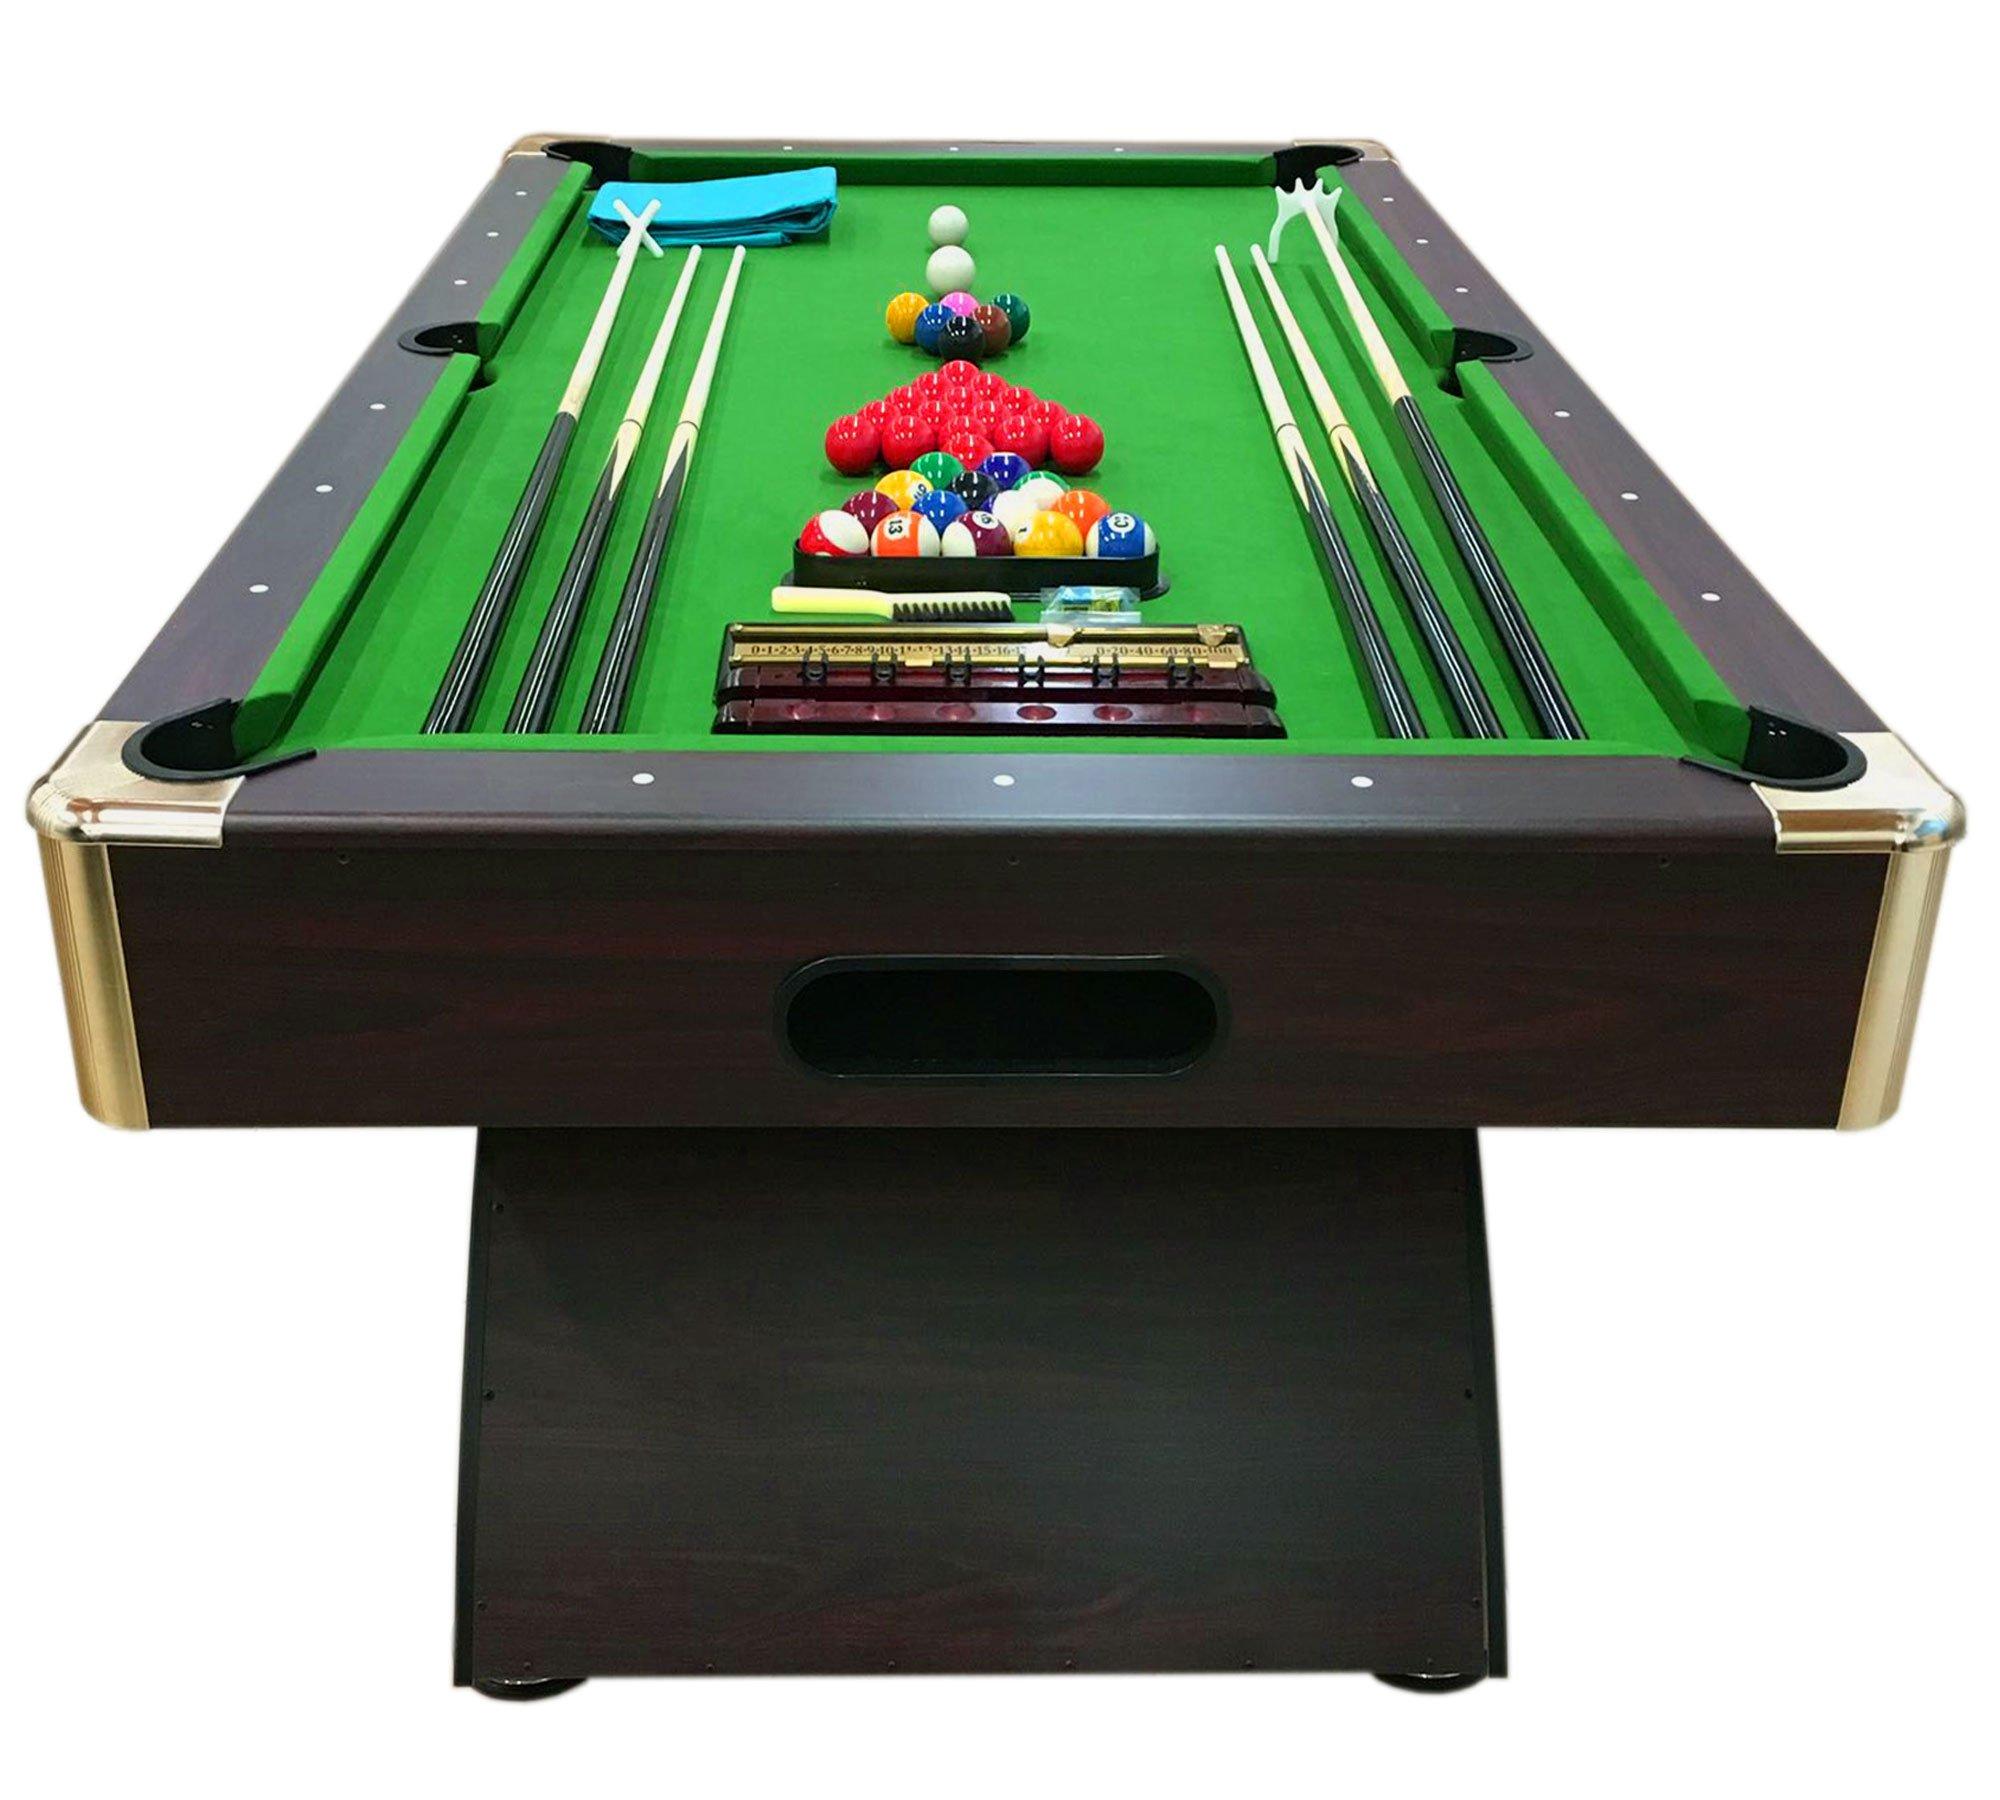 Simba Srl Mesa de Billar Juegos de Billar Pool 8 ft Carambola Full Medición 220 X 110 cm Mod. Leonida: Amazon.es: Deportes y aire libre